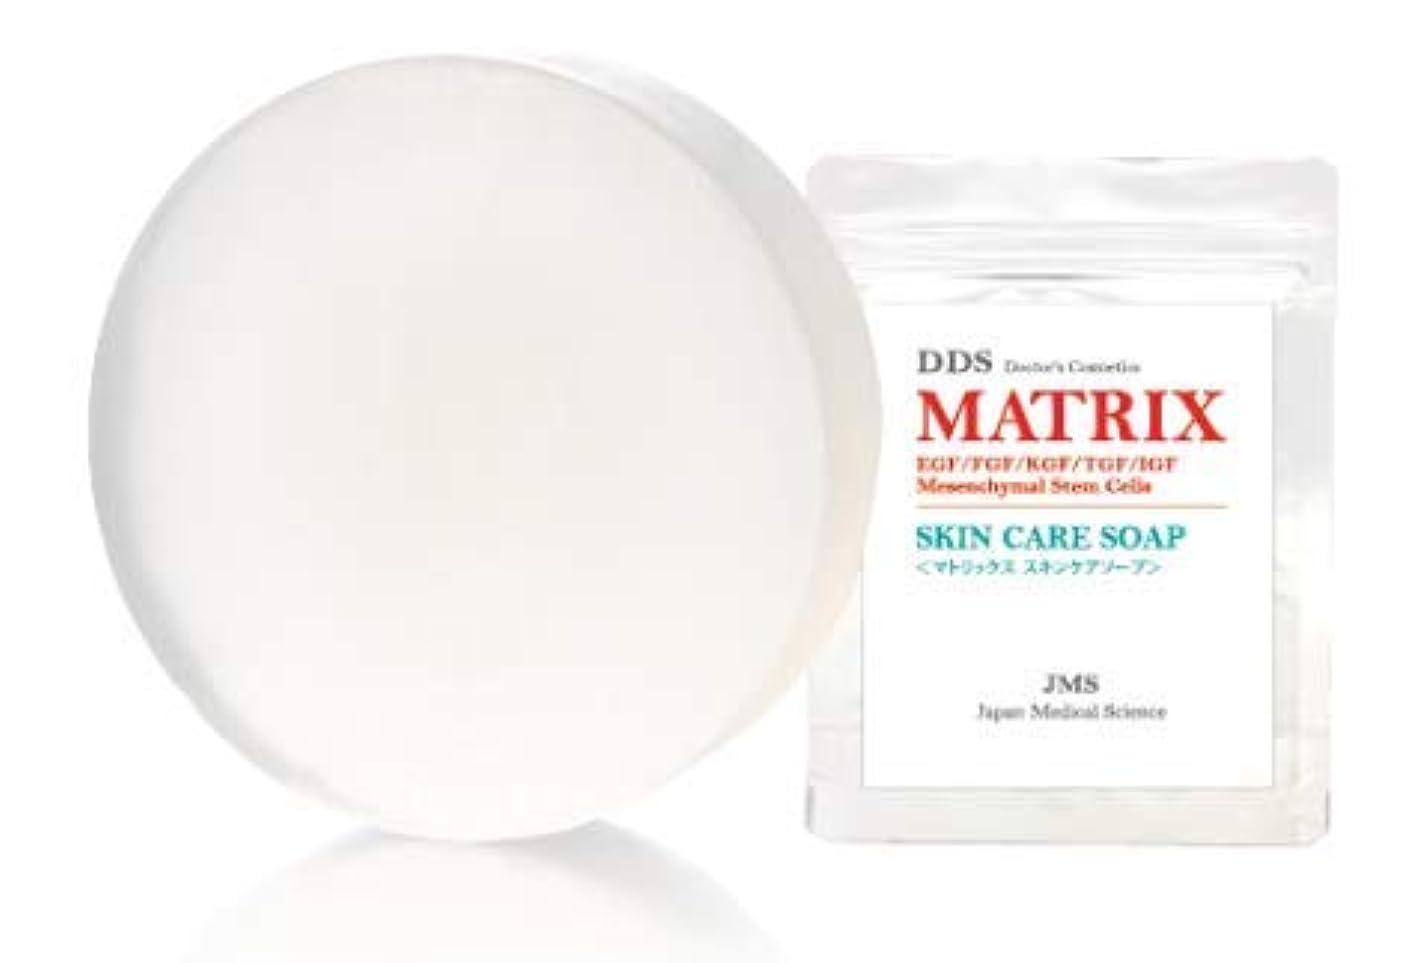 優先回復回想DDS MATRIX SKIN CARE SOAP(マトリックス スキンケア ソープ)80g 洗顔石鹸 全身にも